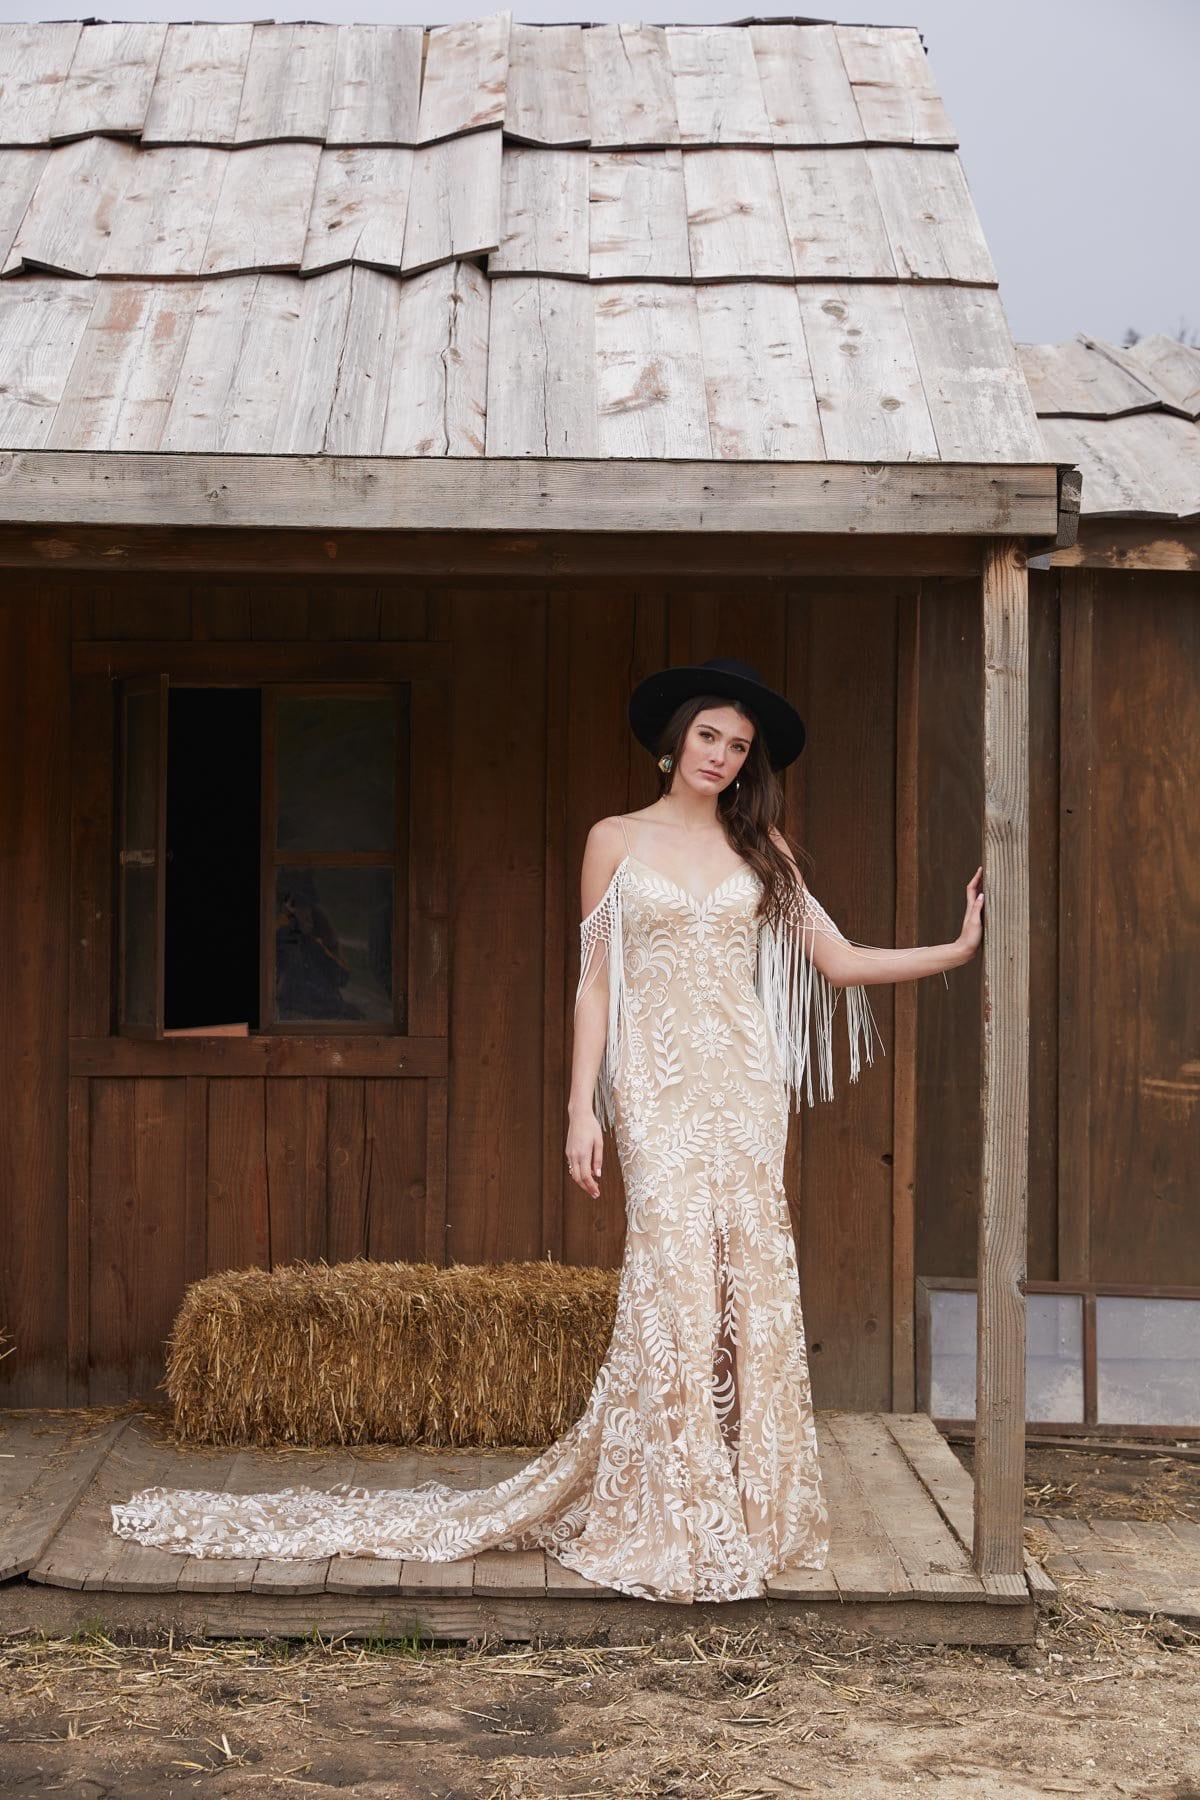 Model mit Bohokleid vor einer Hütte